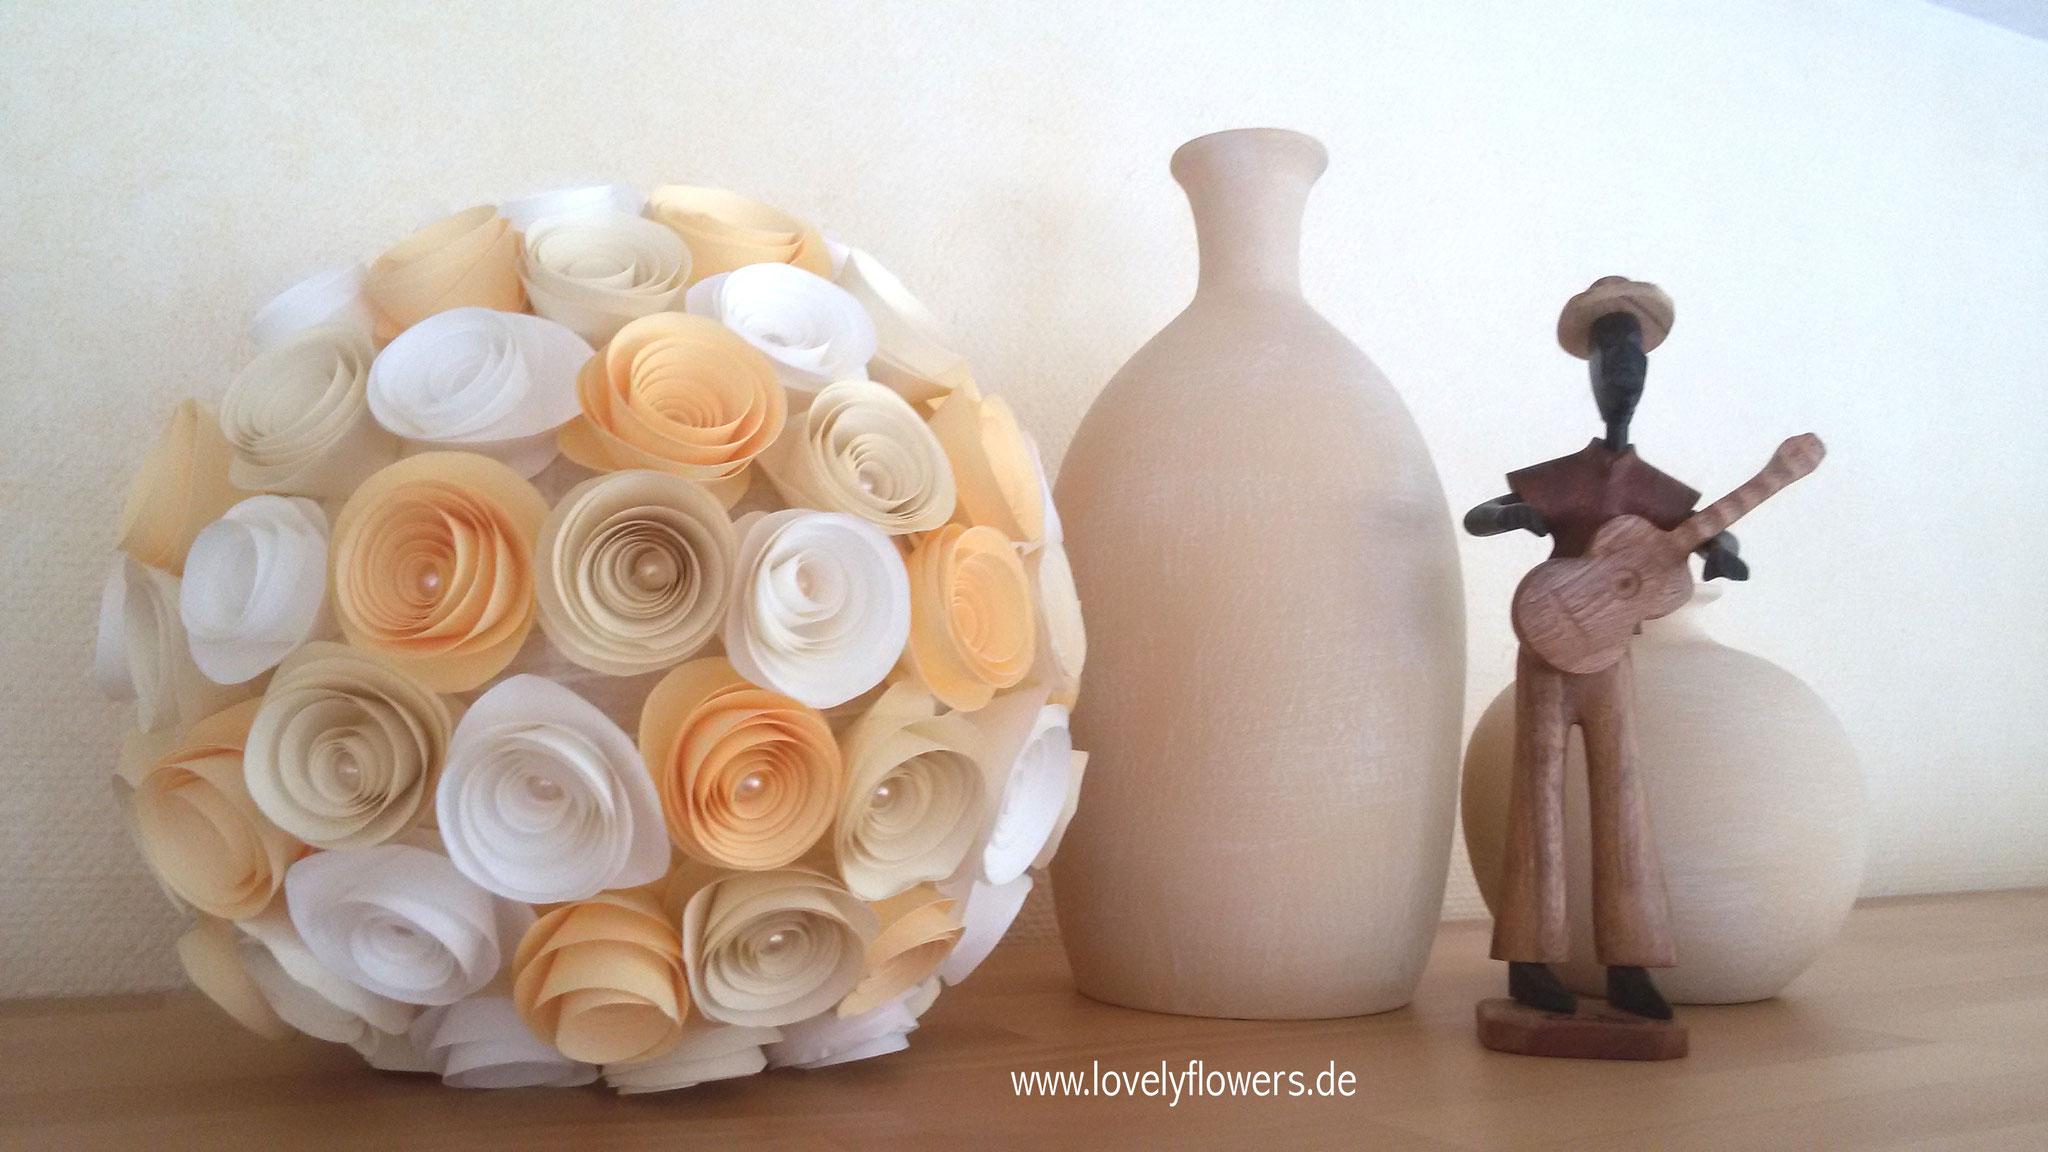 www.lovelyflowers.de - Paper Art Lampen sind auch unbeleuchtet eine wunderschöne Deko!